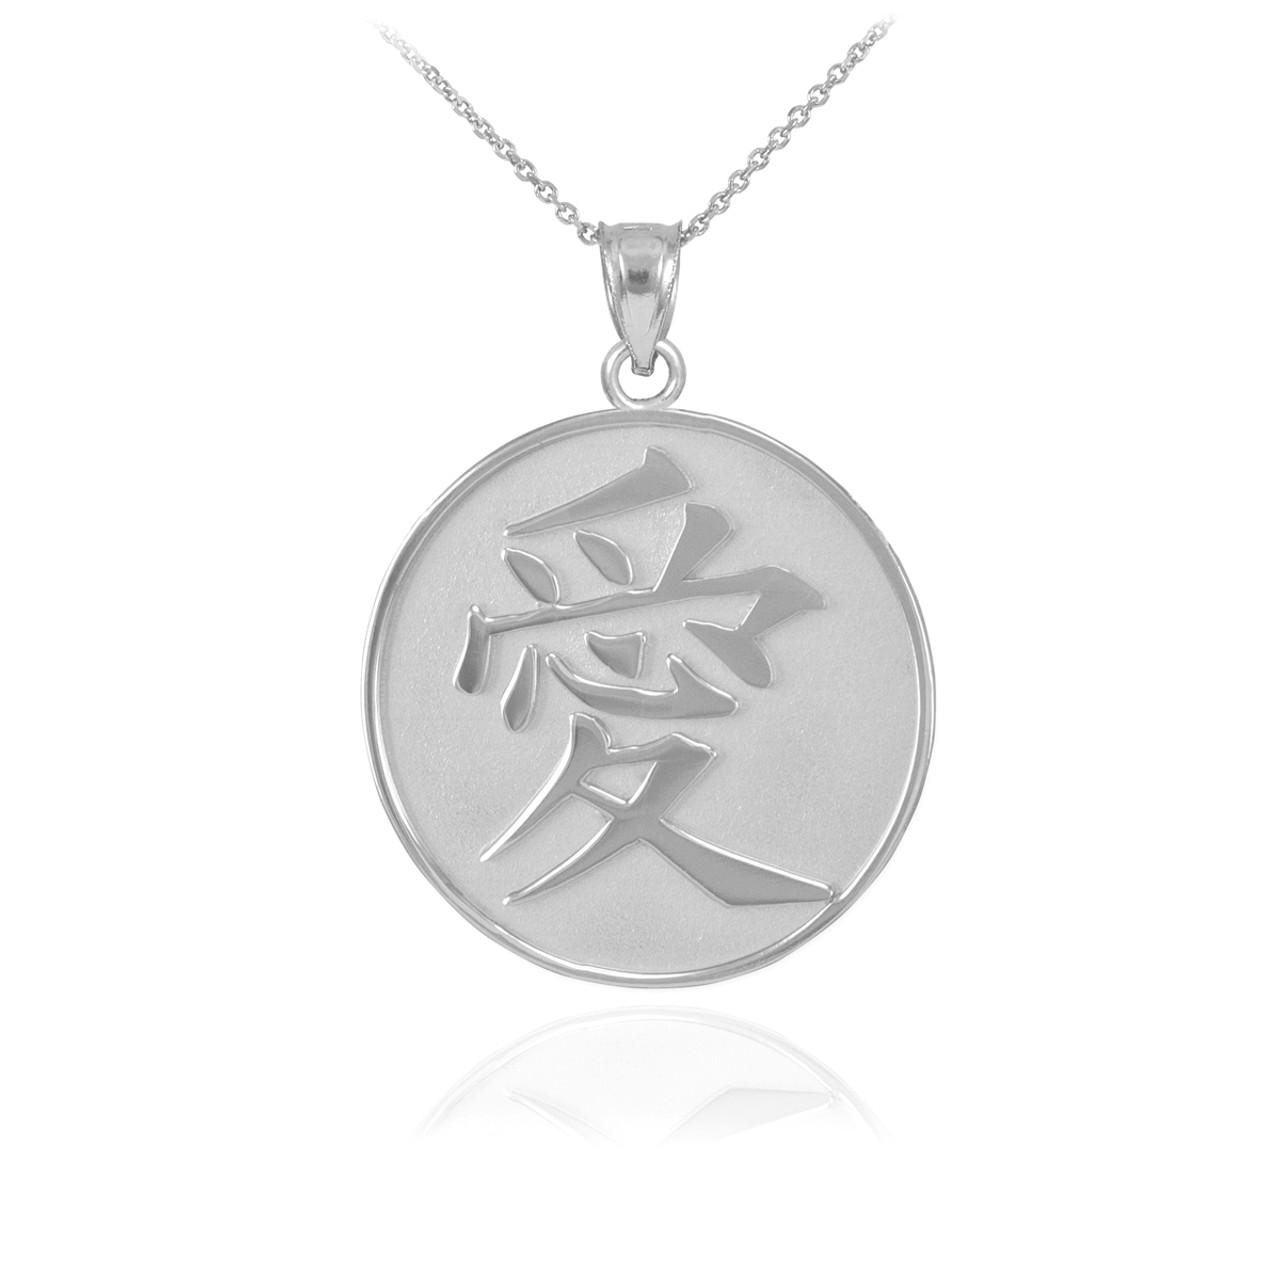 64200e84680da Sterling Silver Chinese Love Symbol Medallion Pendant Necklace